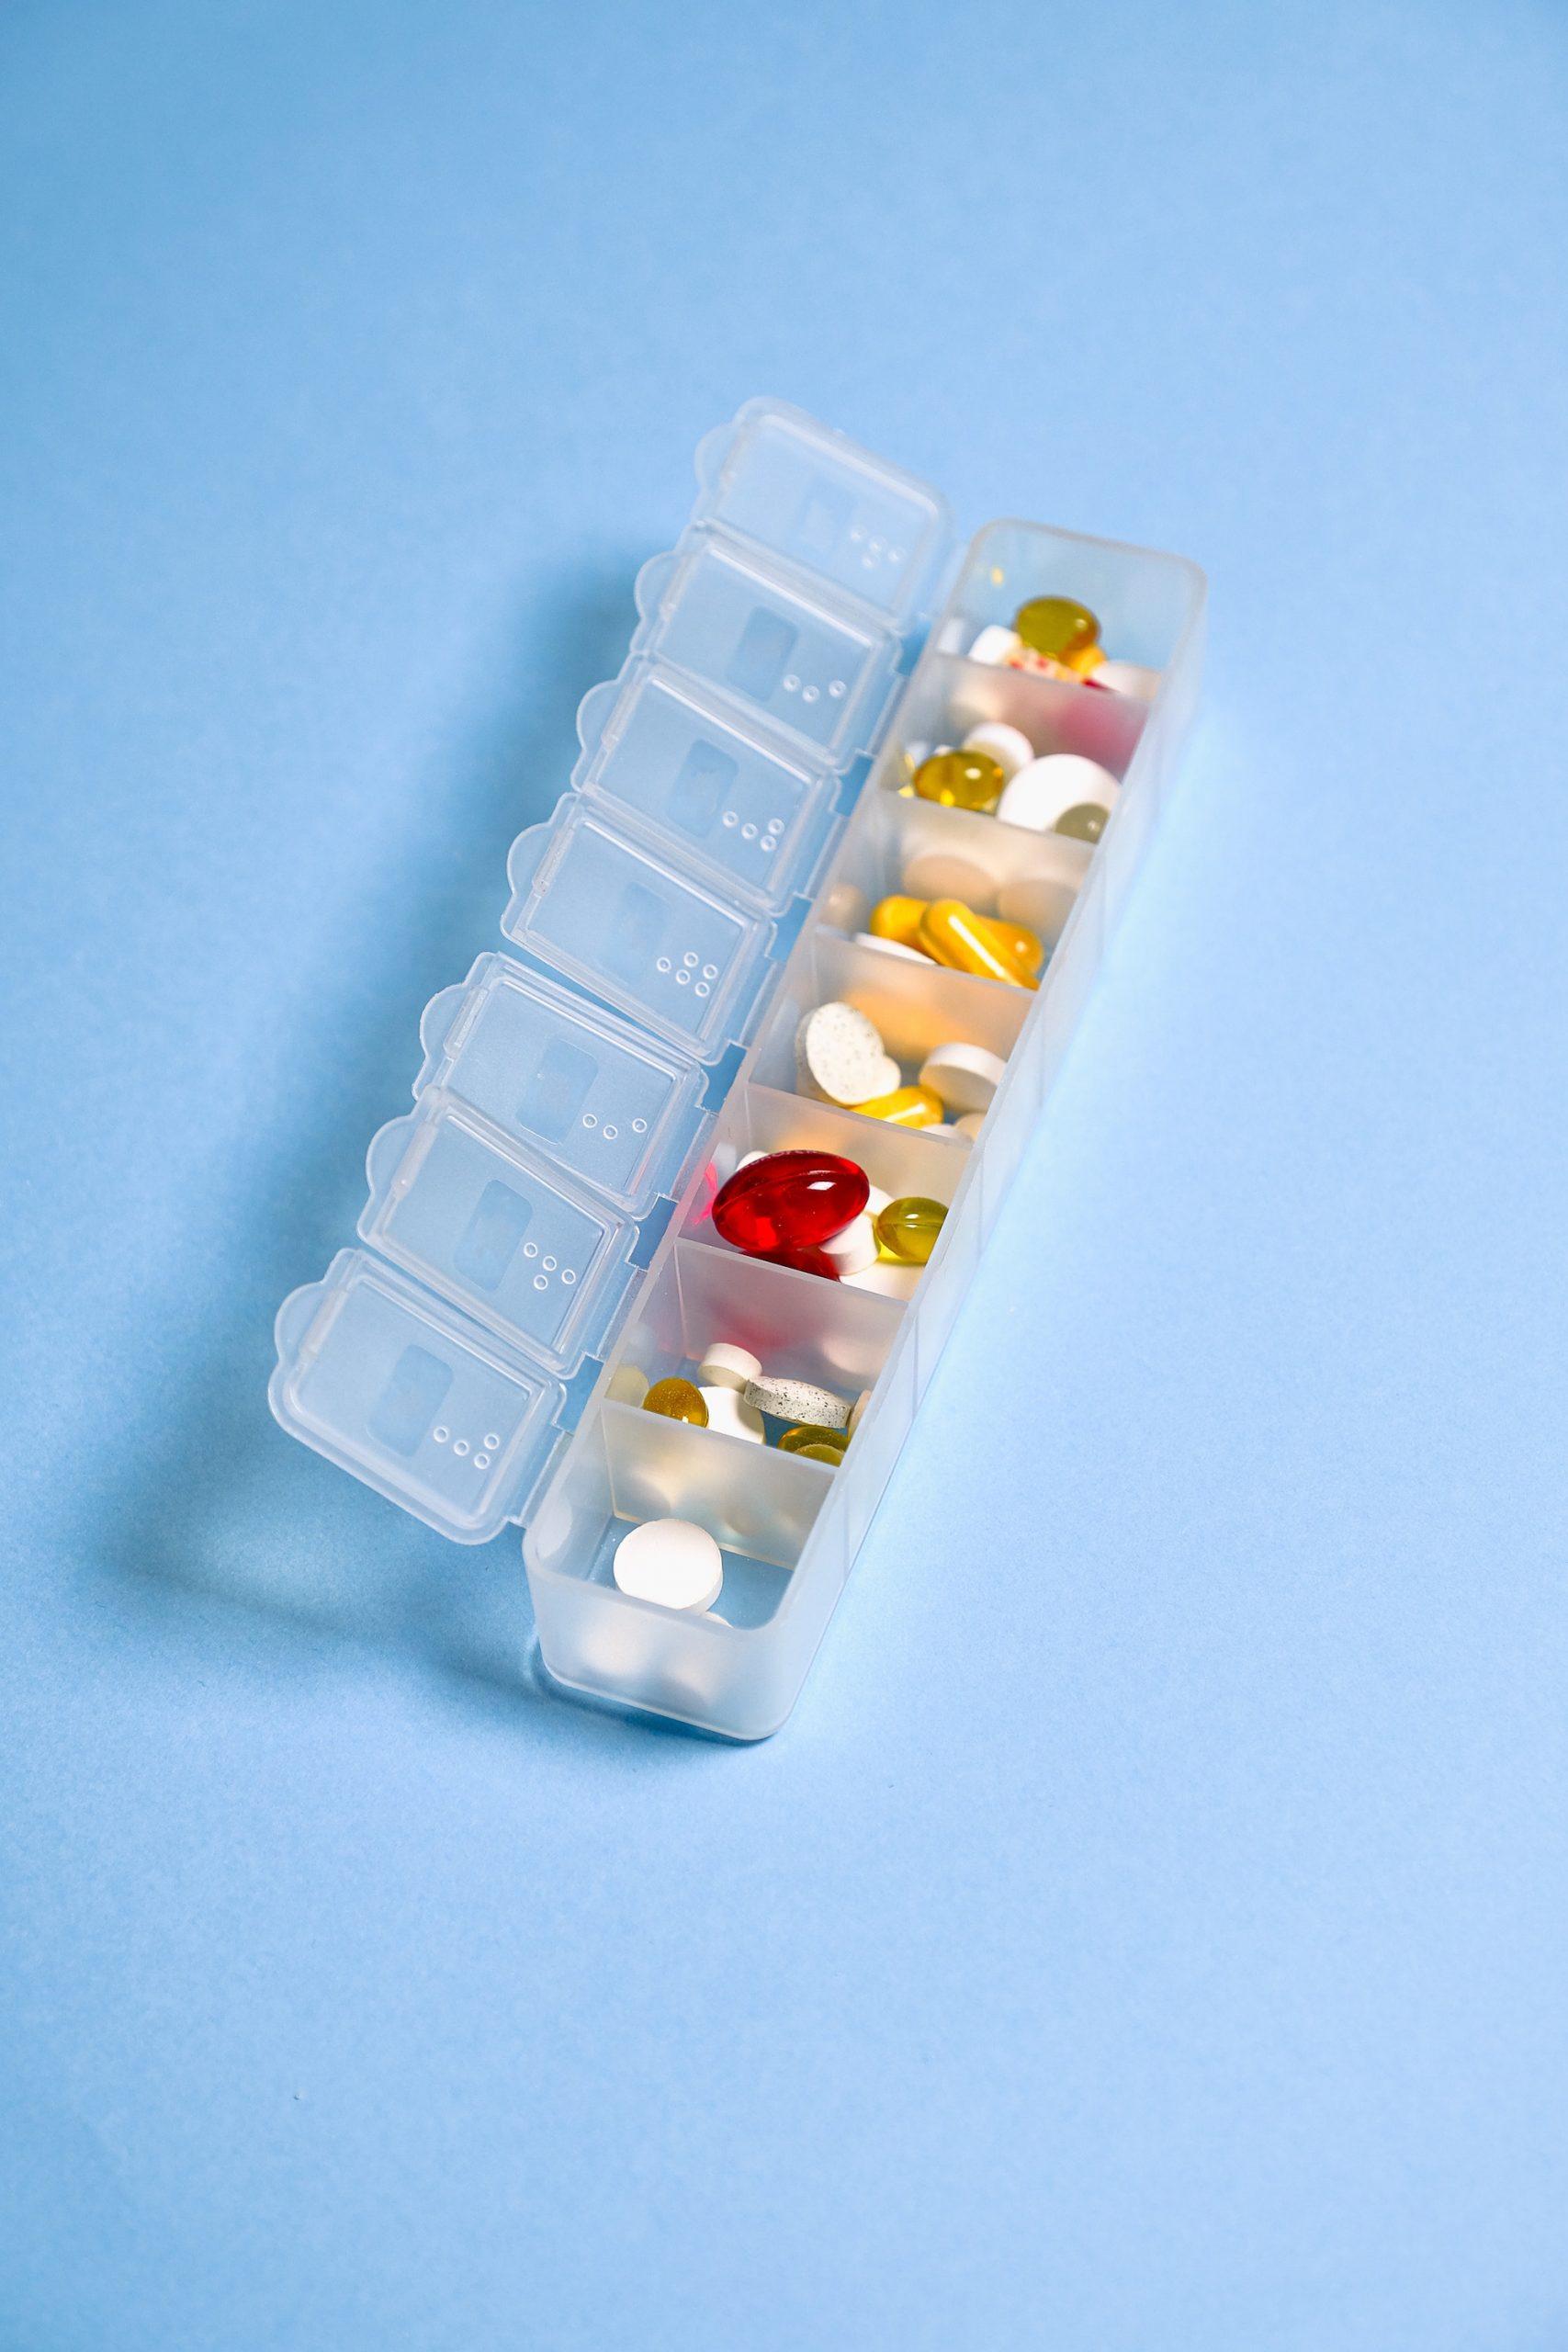 Uso del plástico en envases y empauqes de uso médico